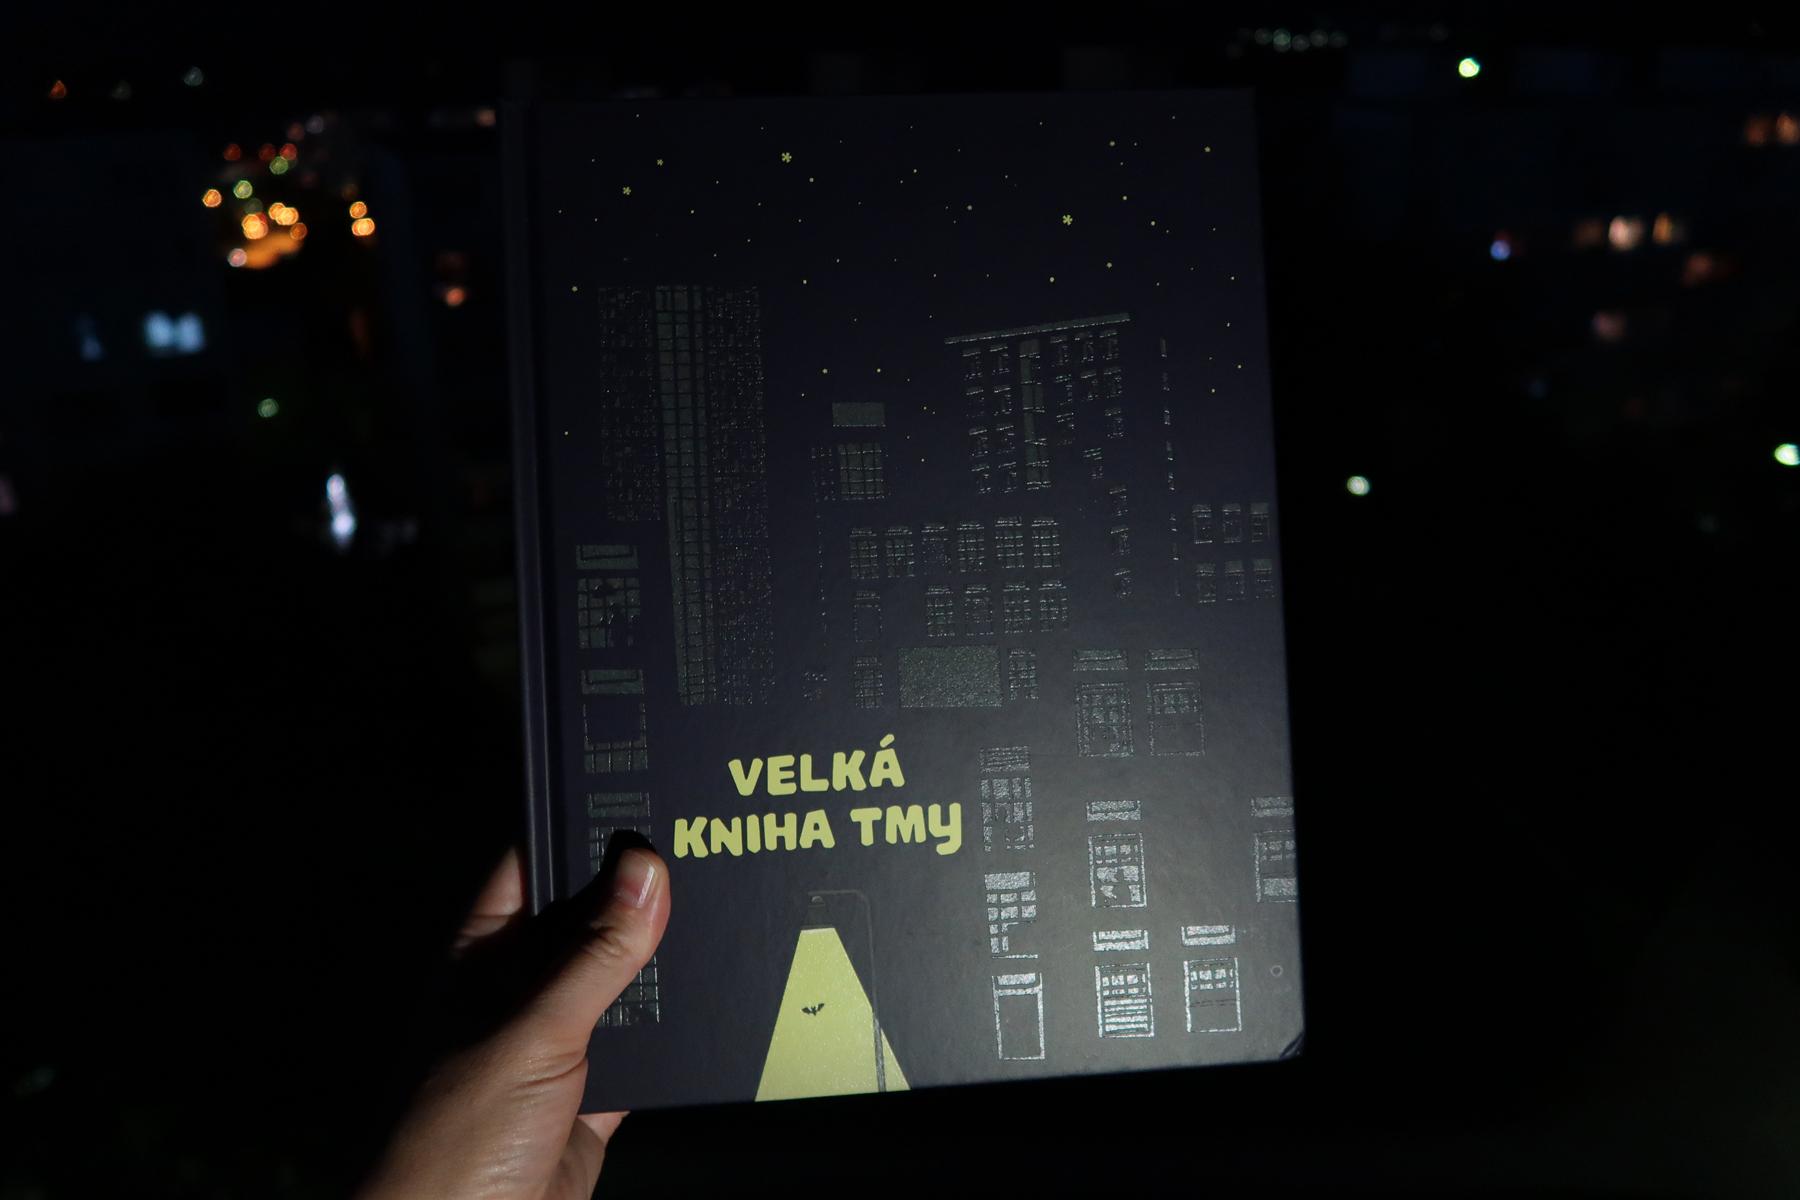 Velká kniha tmy